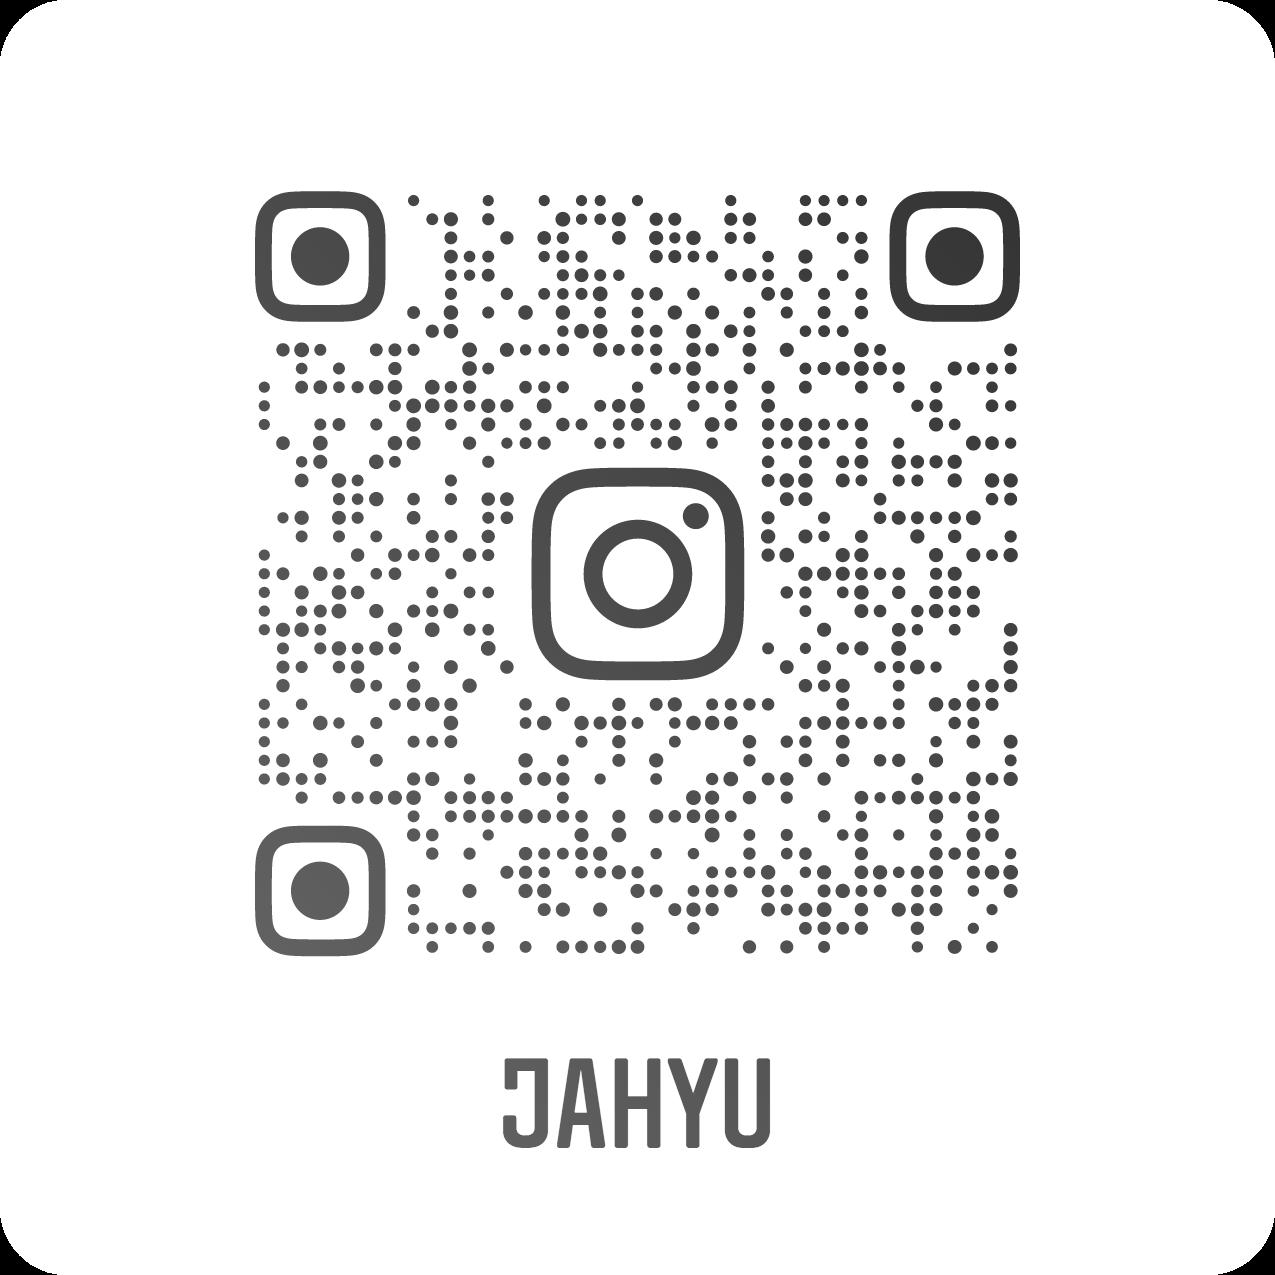 jahyu instagram